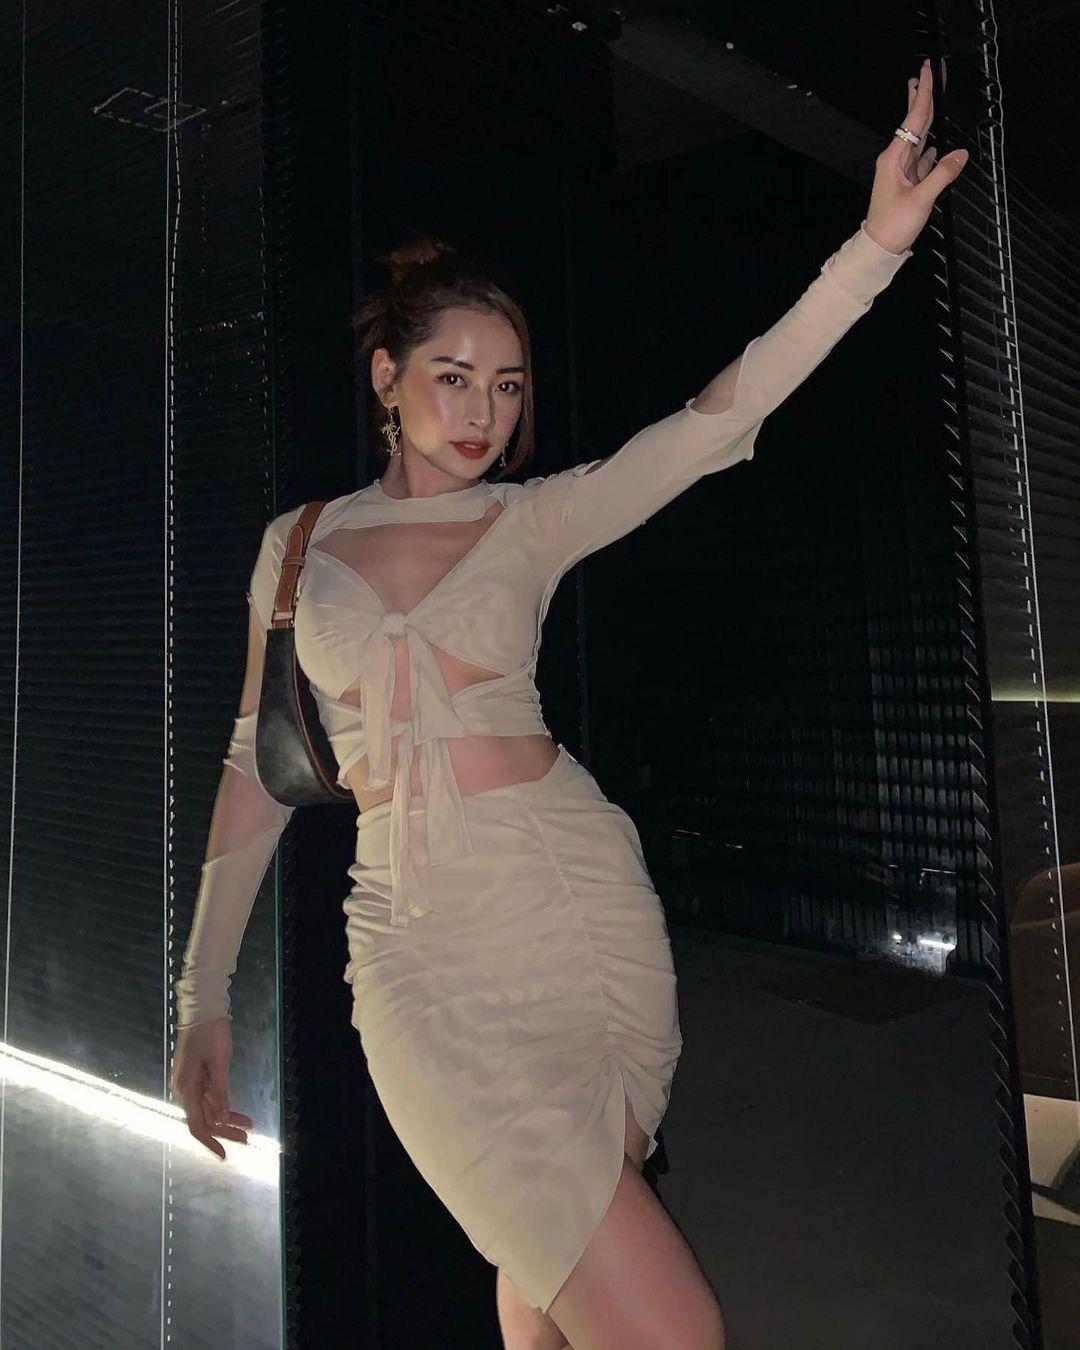 Đụng váy cut-out táo bạo: Hoàng Thuỳ khoe chân dài nhưng Chi Pu mới chiếm sóng nhờ body chuẩn như chai Coca - Ảnh 2.